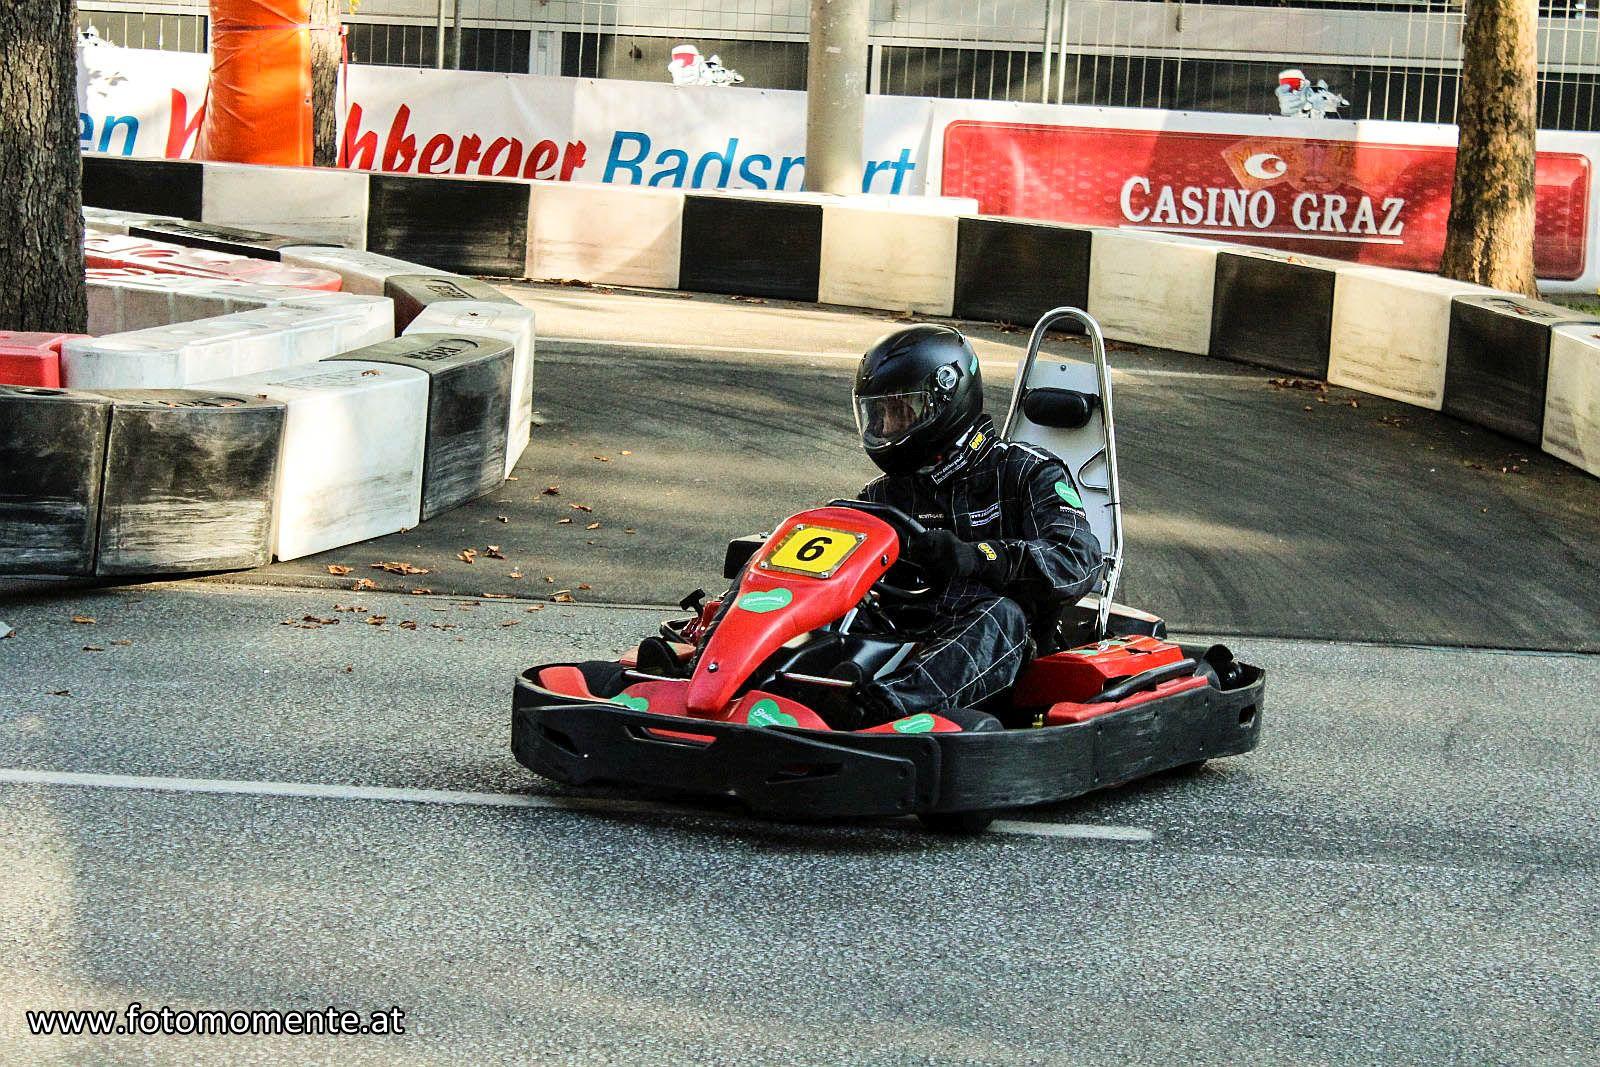 Kartrace Graz Oper - Kart Race Graz in der Nähe zur Oper